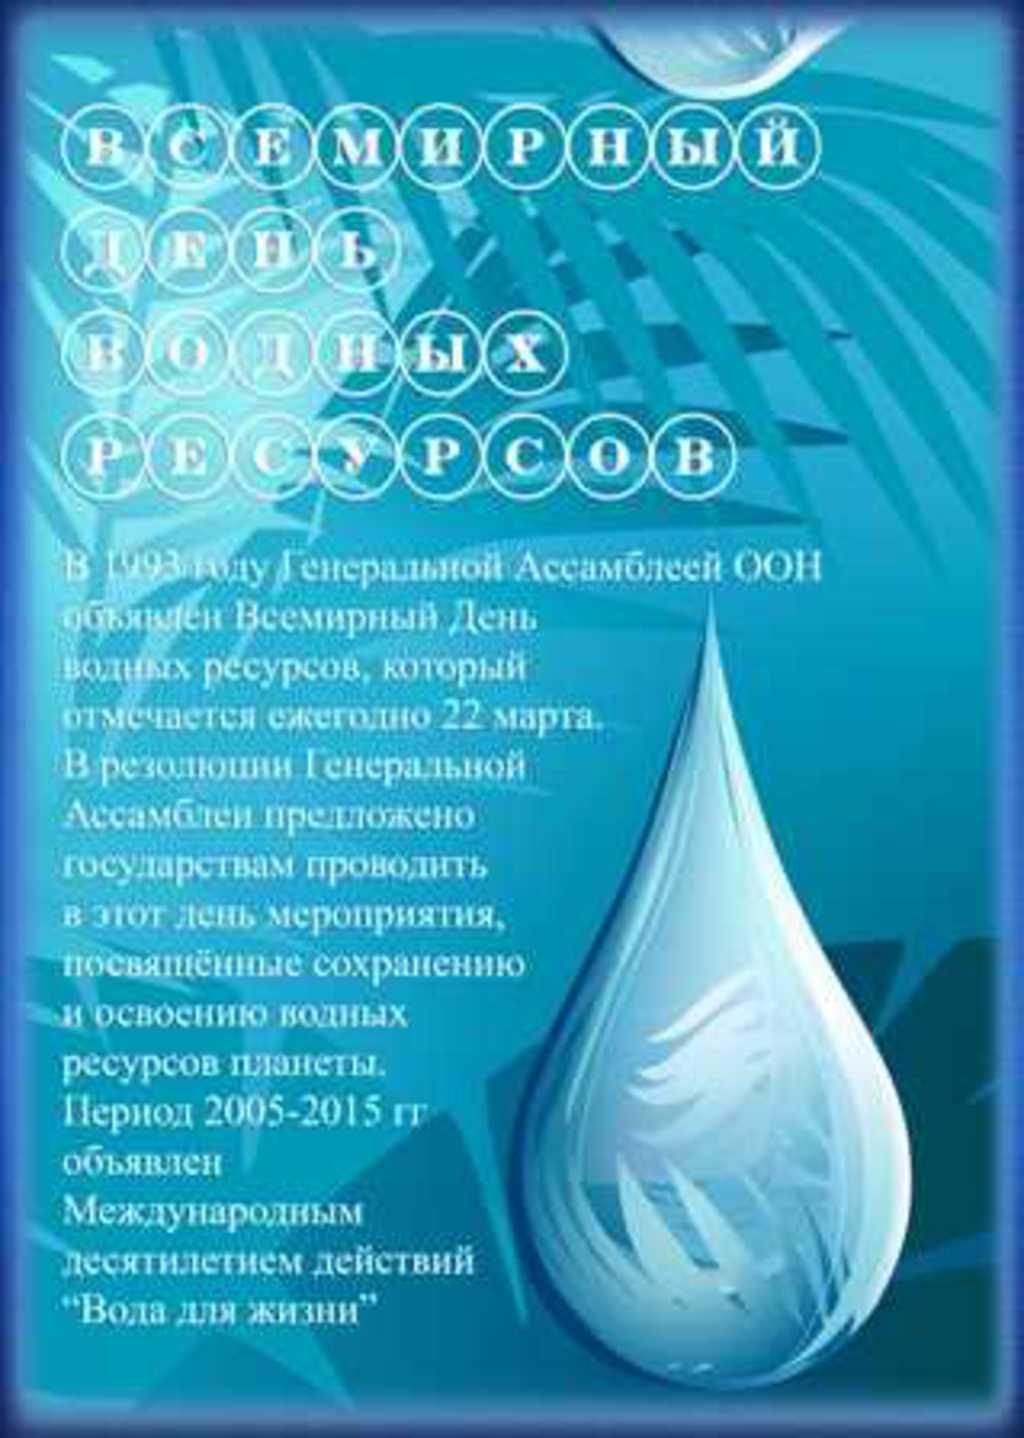 Поздравления от водяного 77